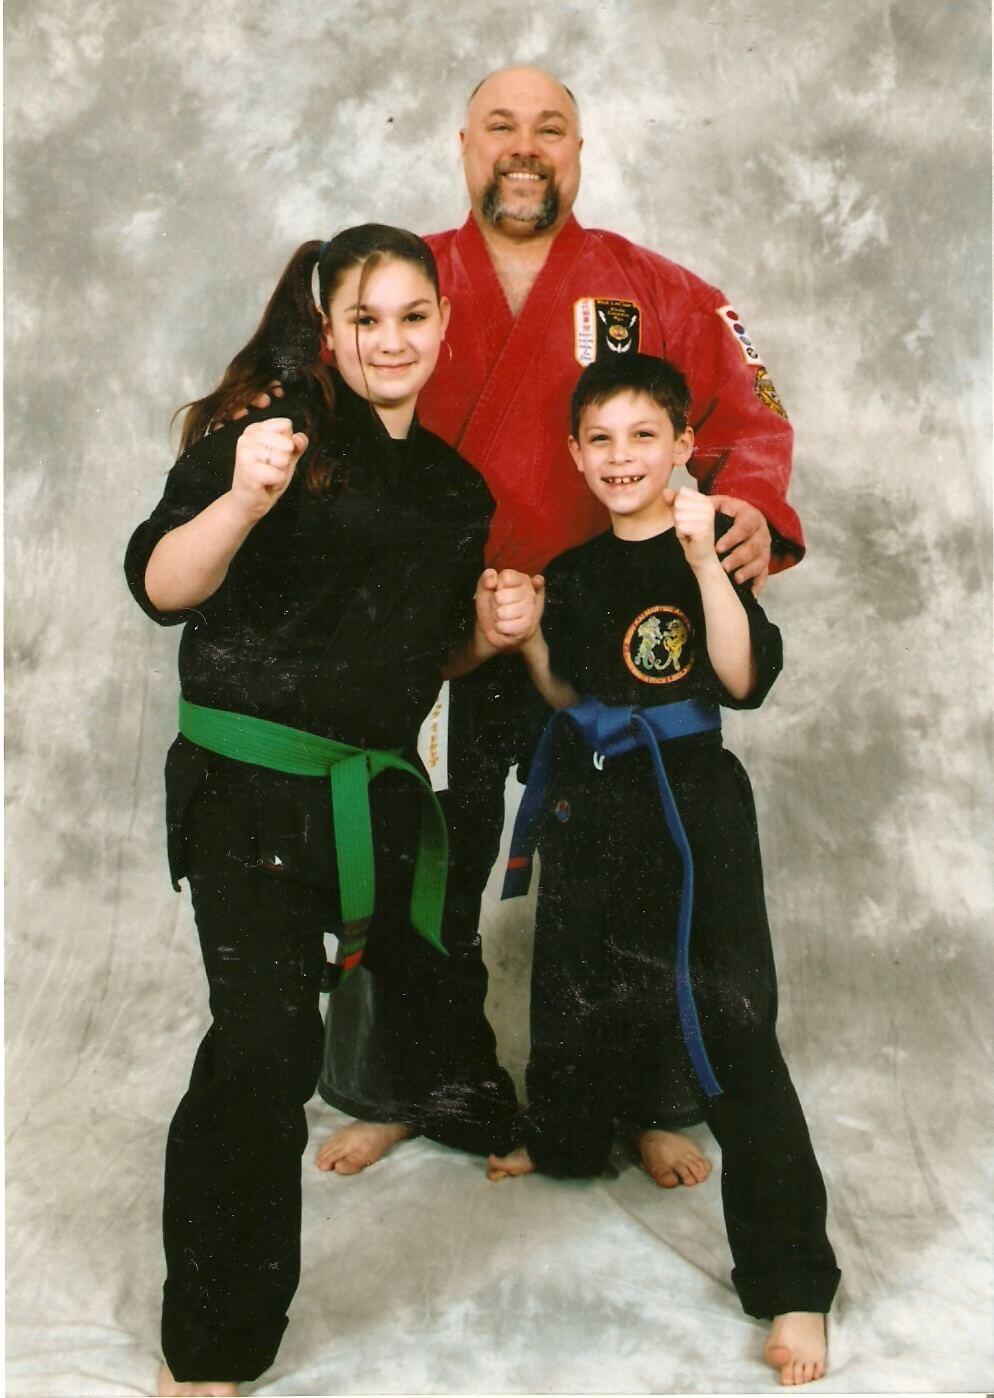 Leominster Martial Arts_Soke LeClair, Bobbi and Michael LeClair